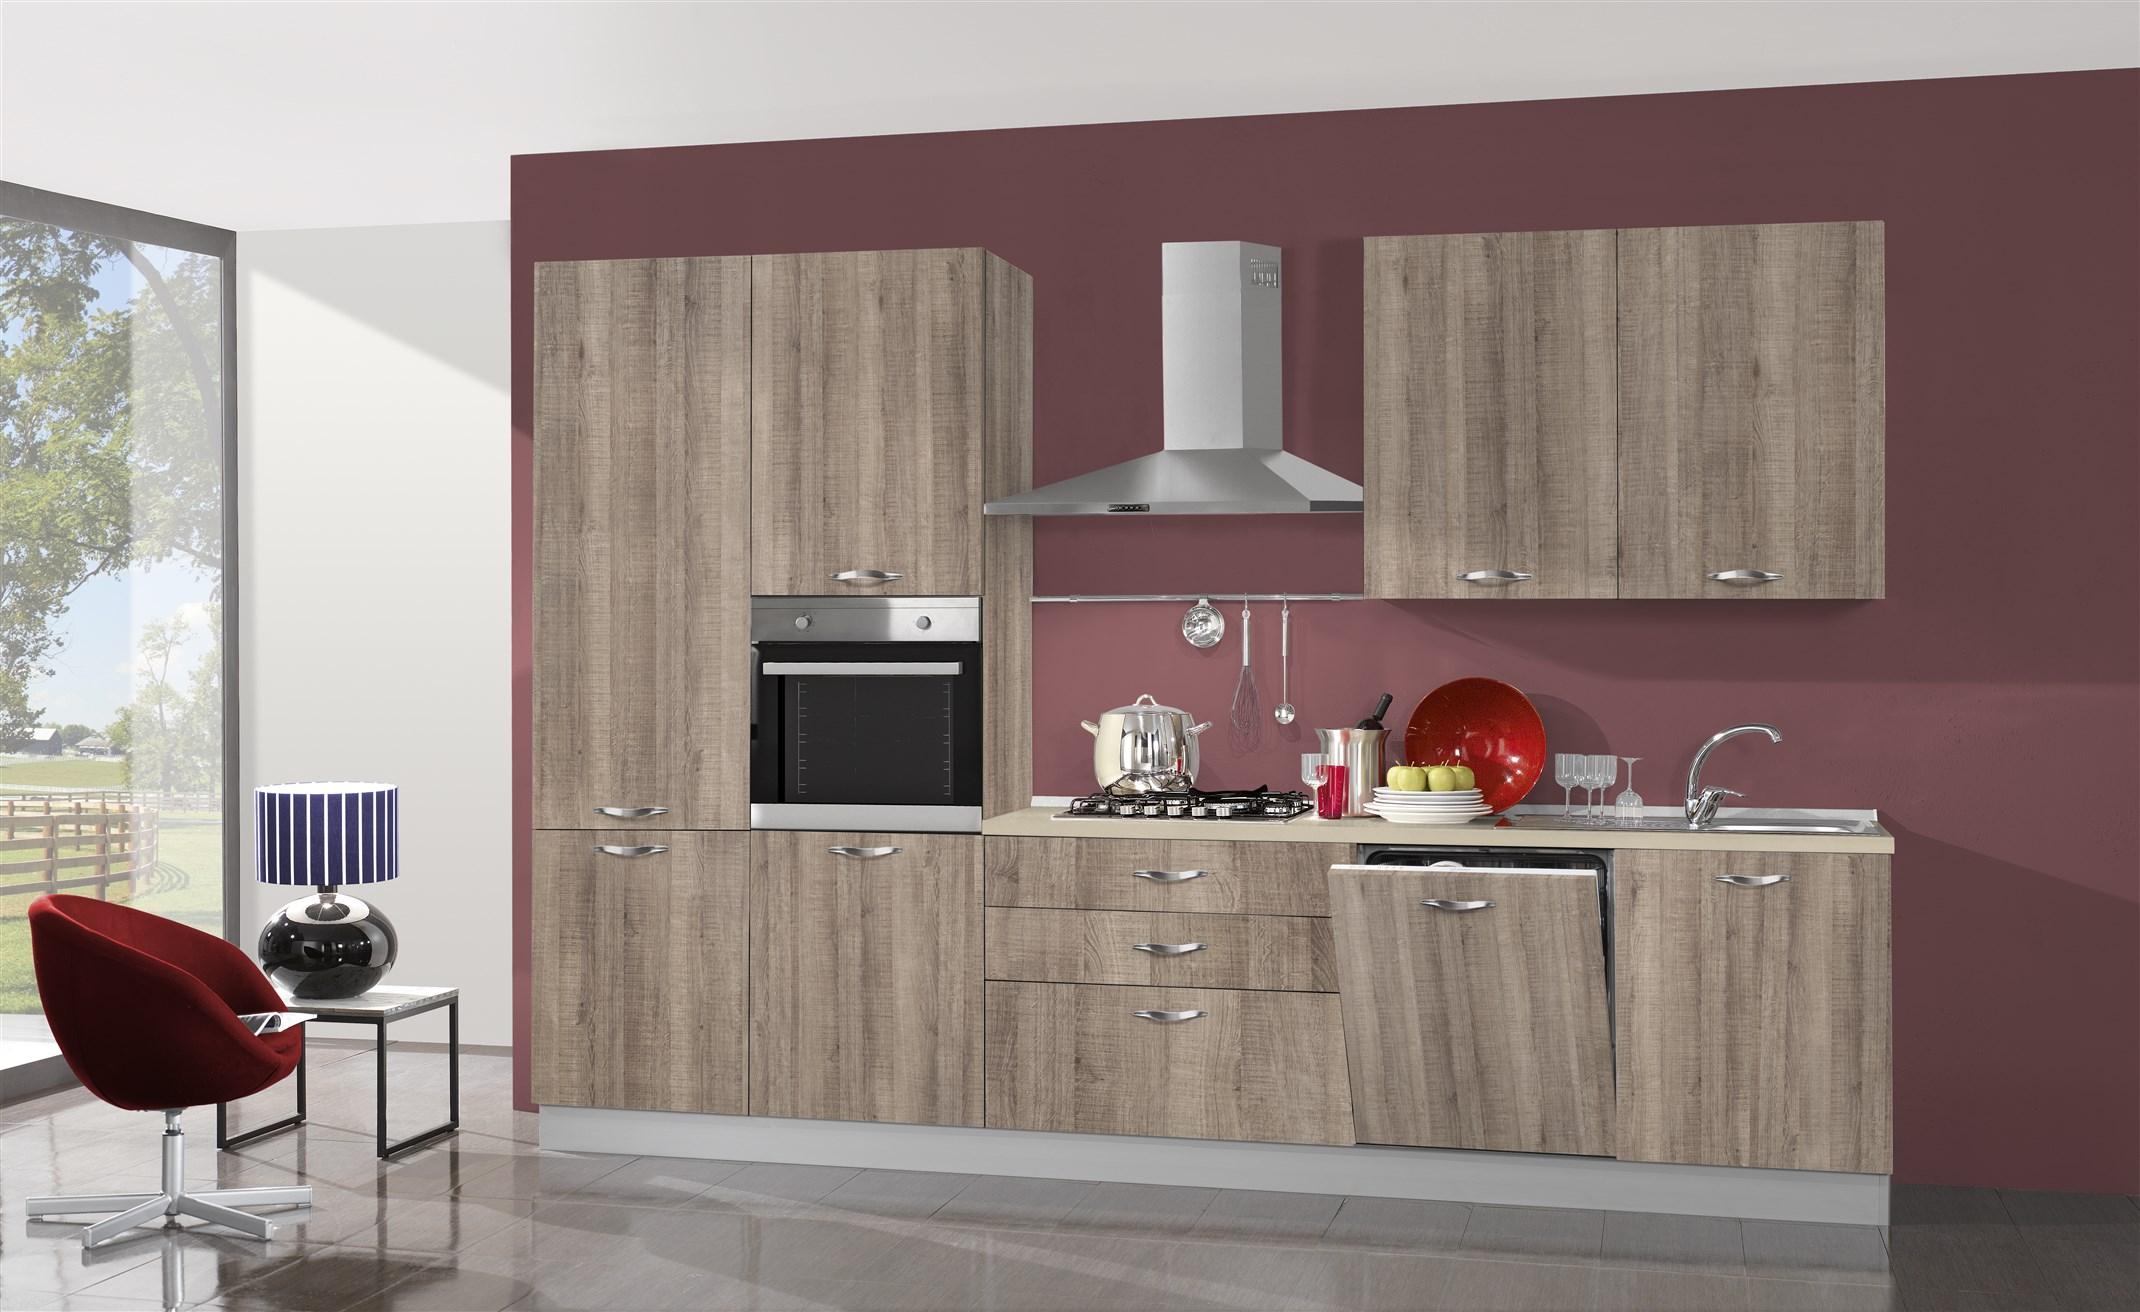 Cucina Moderna Con Lavastoviglie.Cucina Giove 330 Con Lavastoviglie